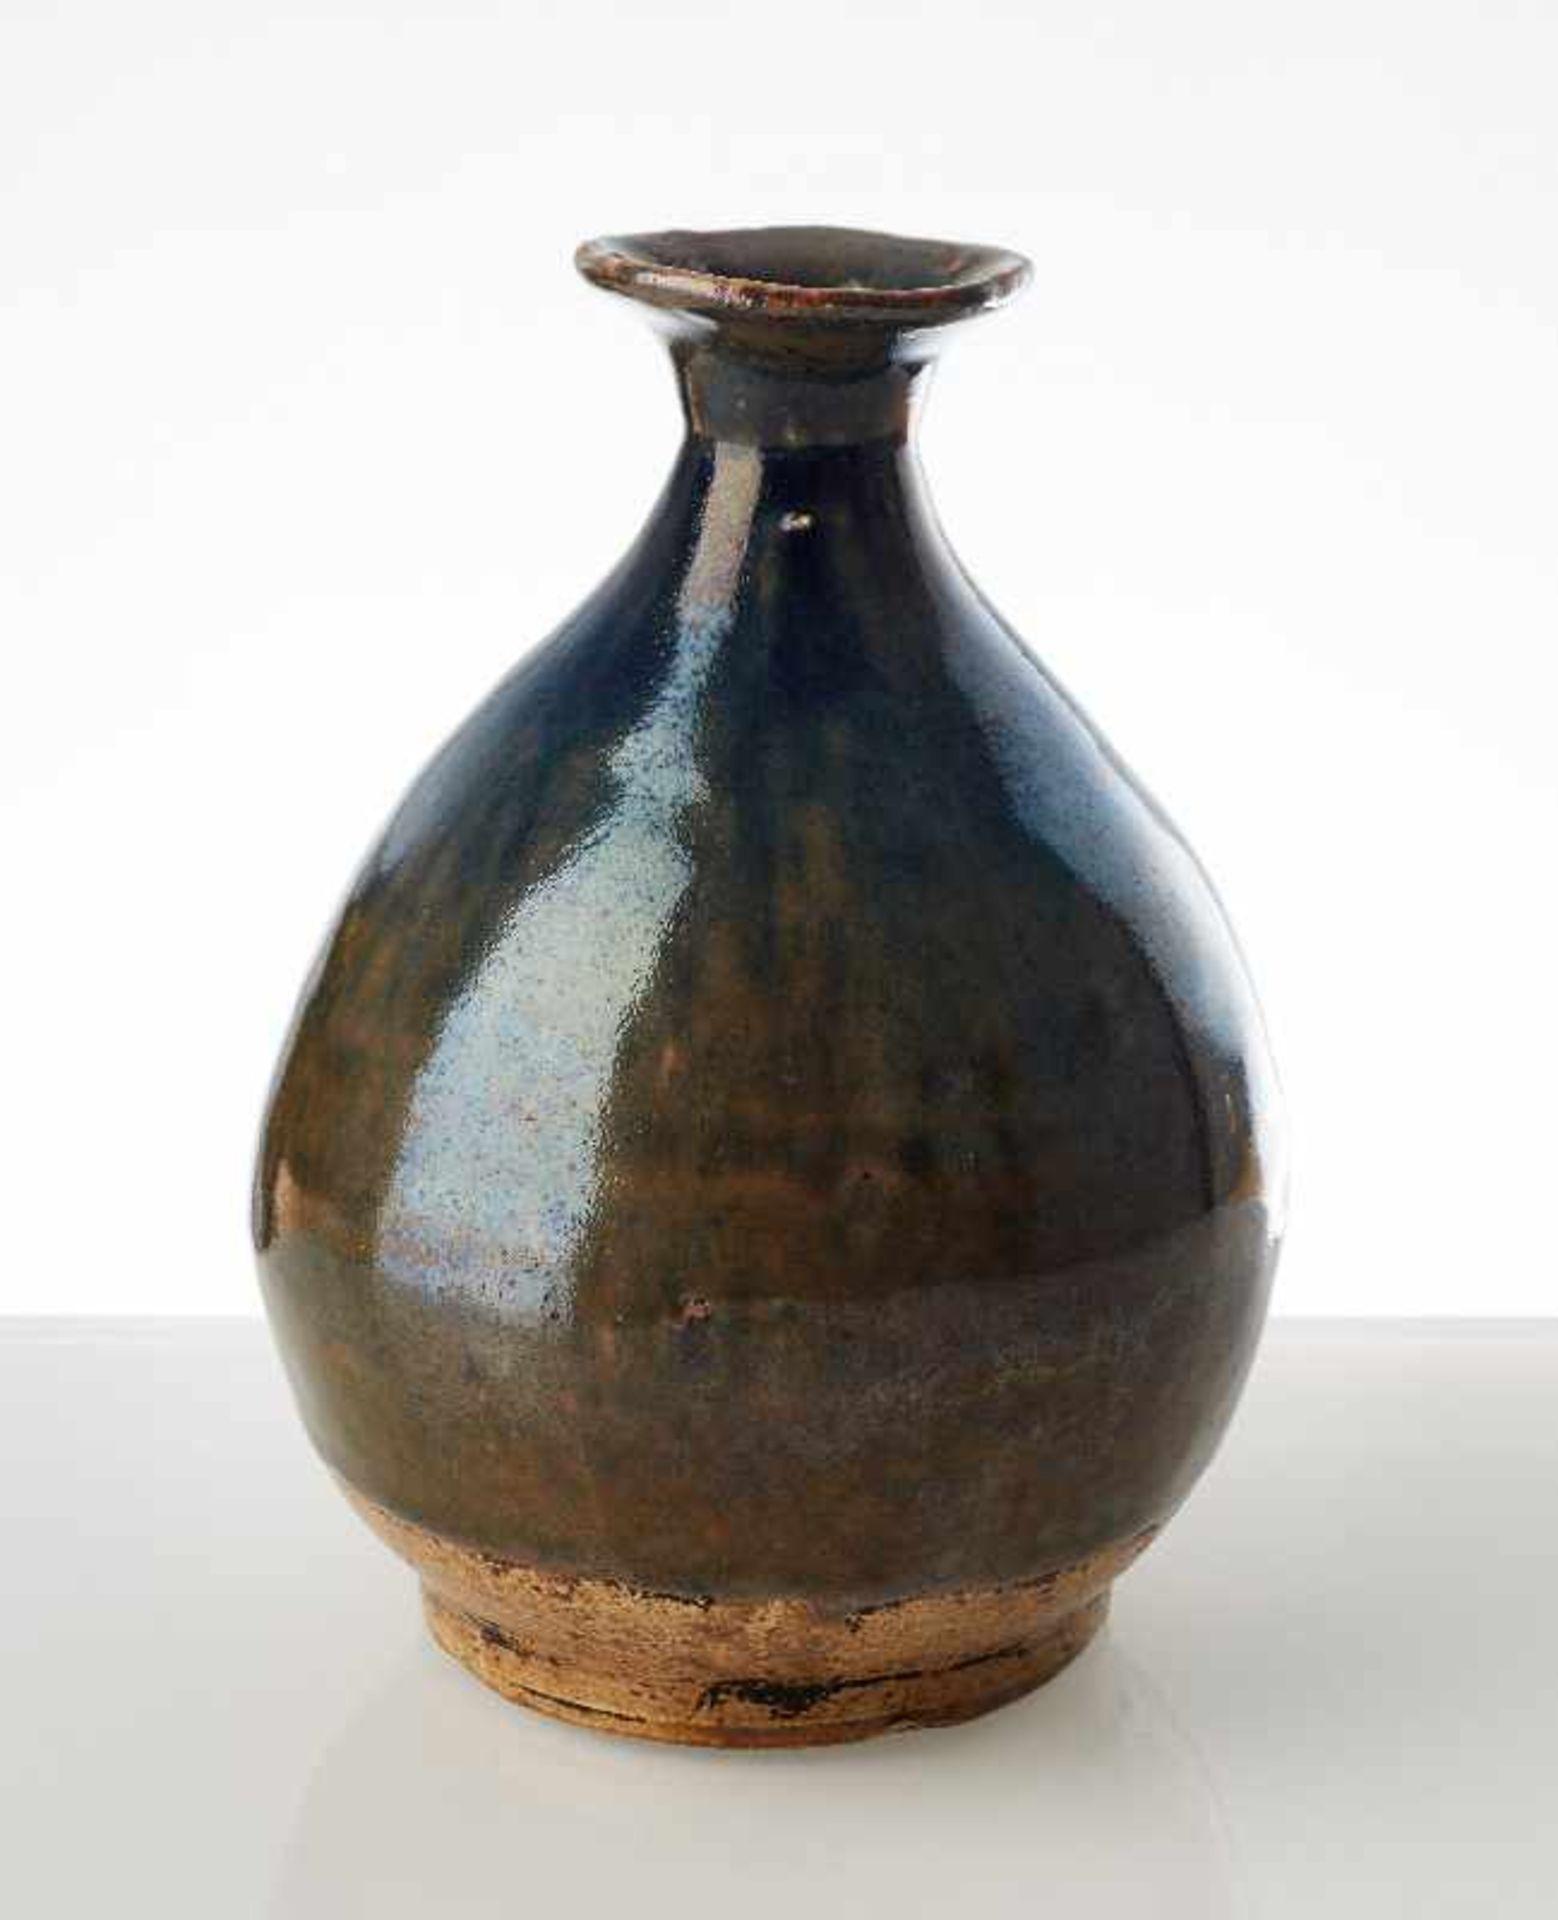 FLASCHENFÖRMIGE VASE Glasierte Keramik. China, möglicherweise Song, 13. Jh. bis danach